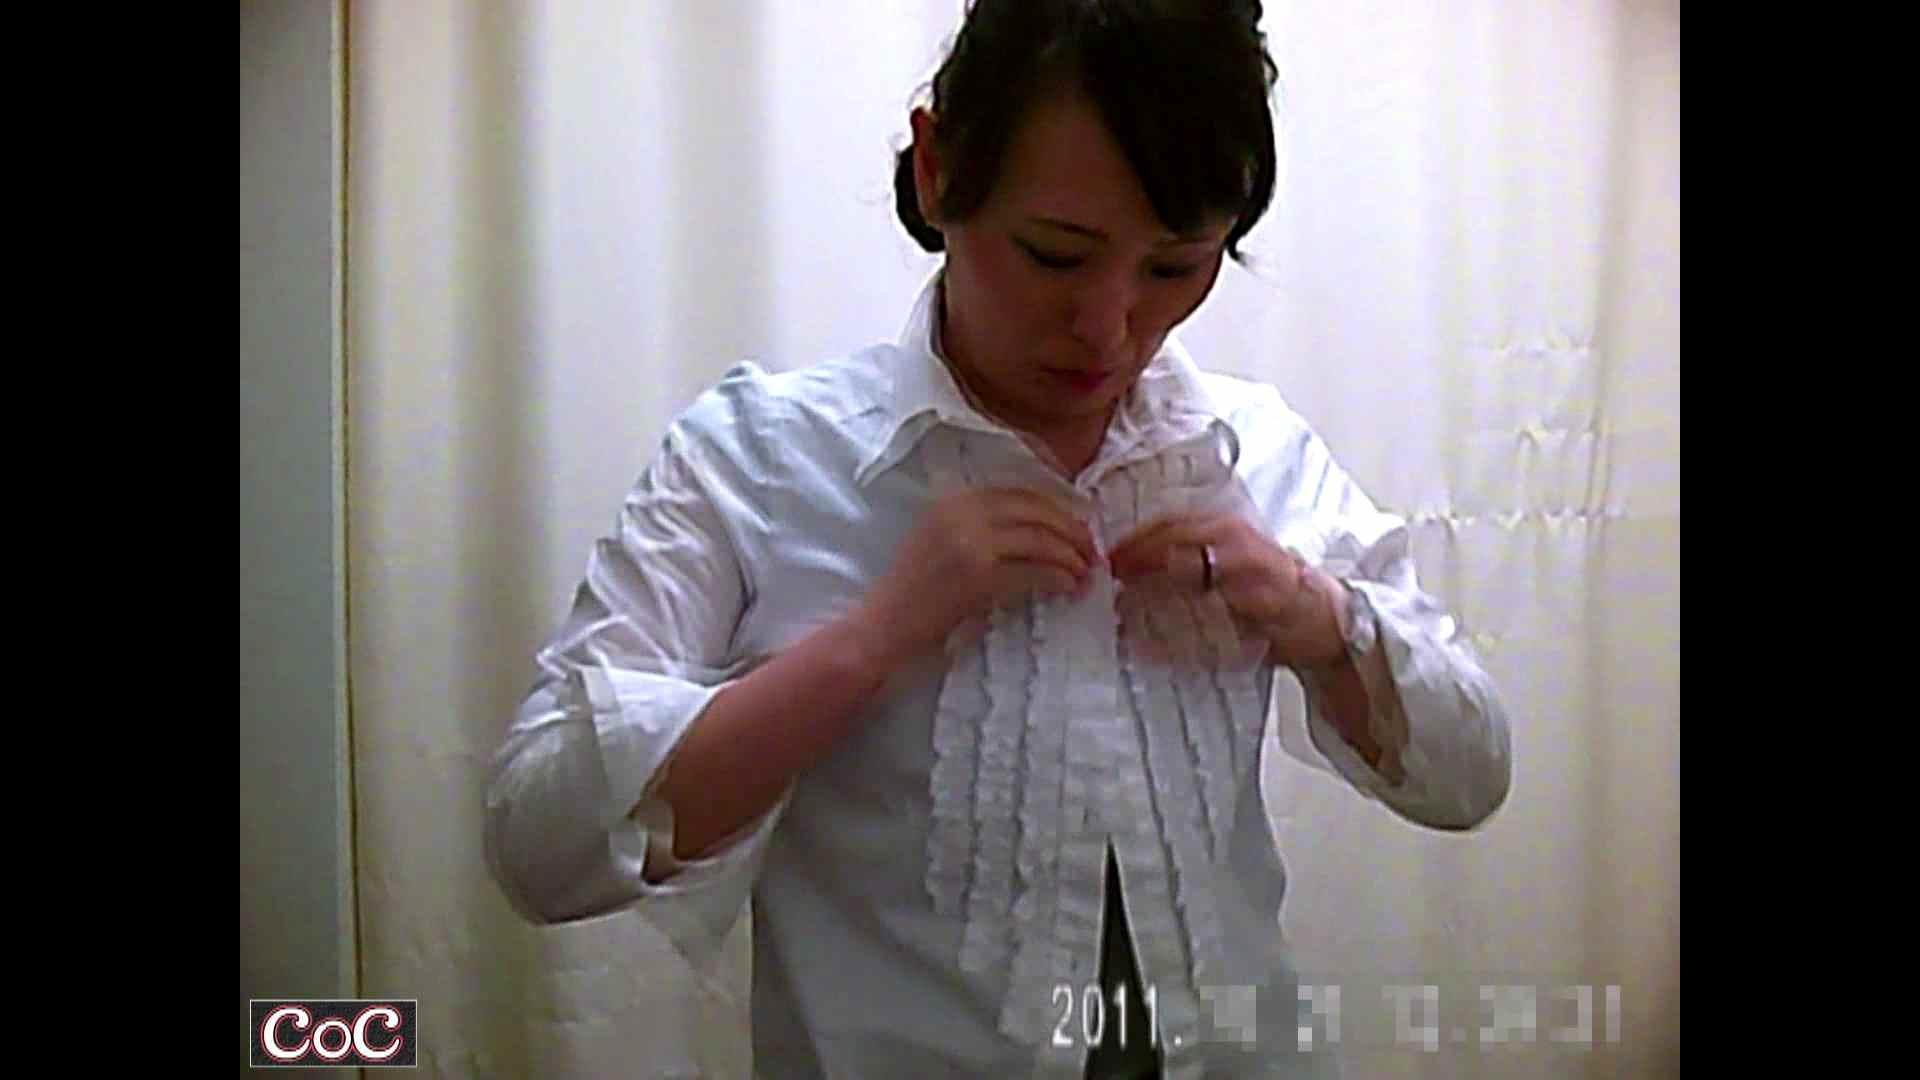 病院おもいっきり着替え! vol.67 おっぱい のぞき動画画像 91PICs 18